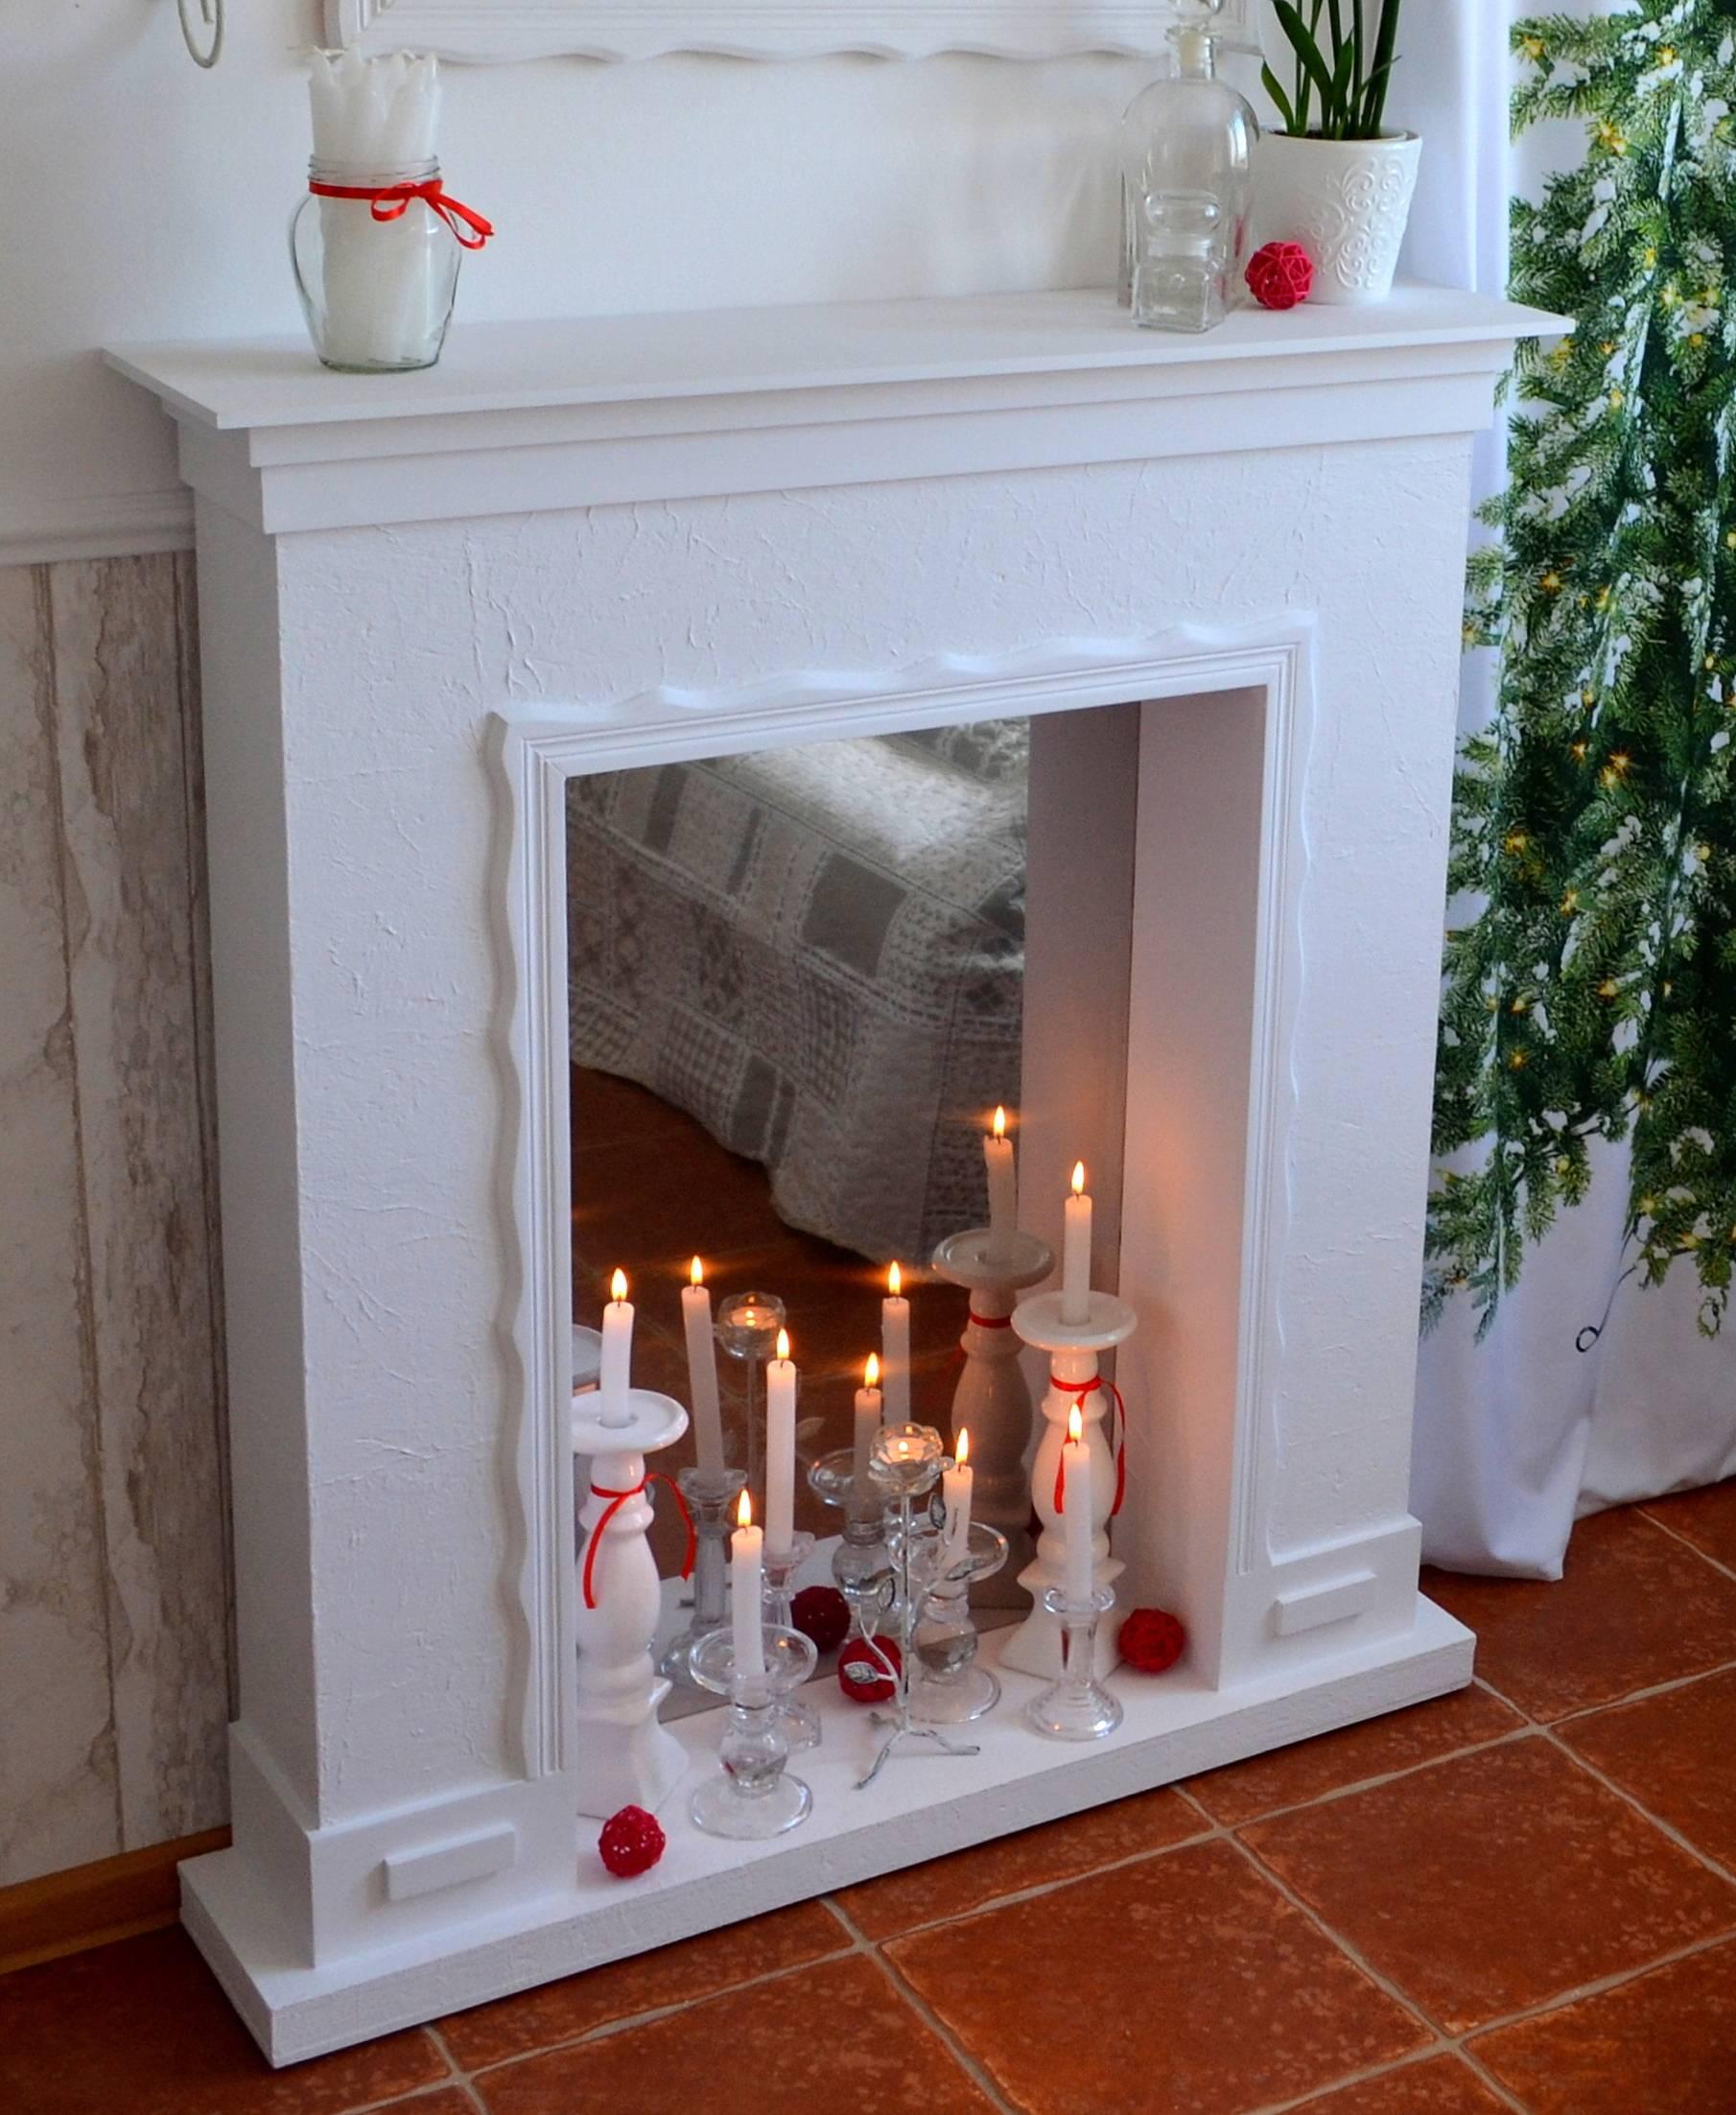 Декор камина: 115 фото простых вариантов и способов красивого оформления камина